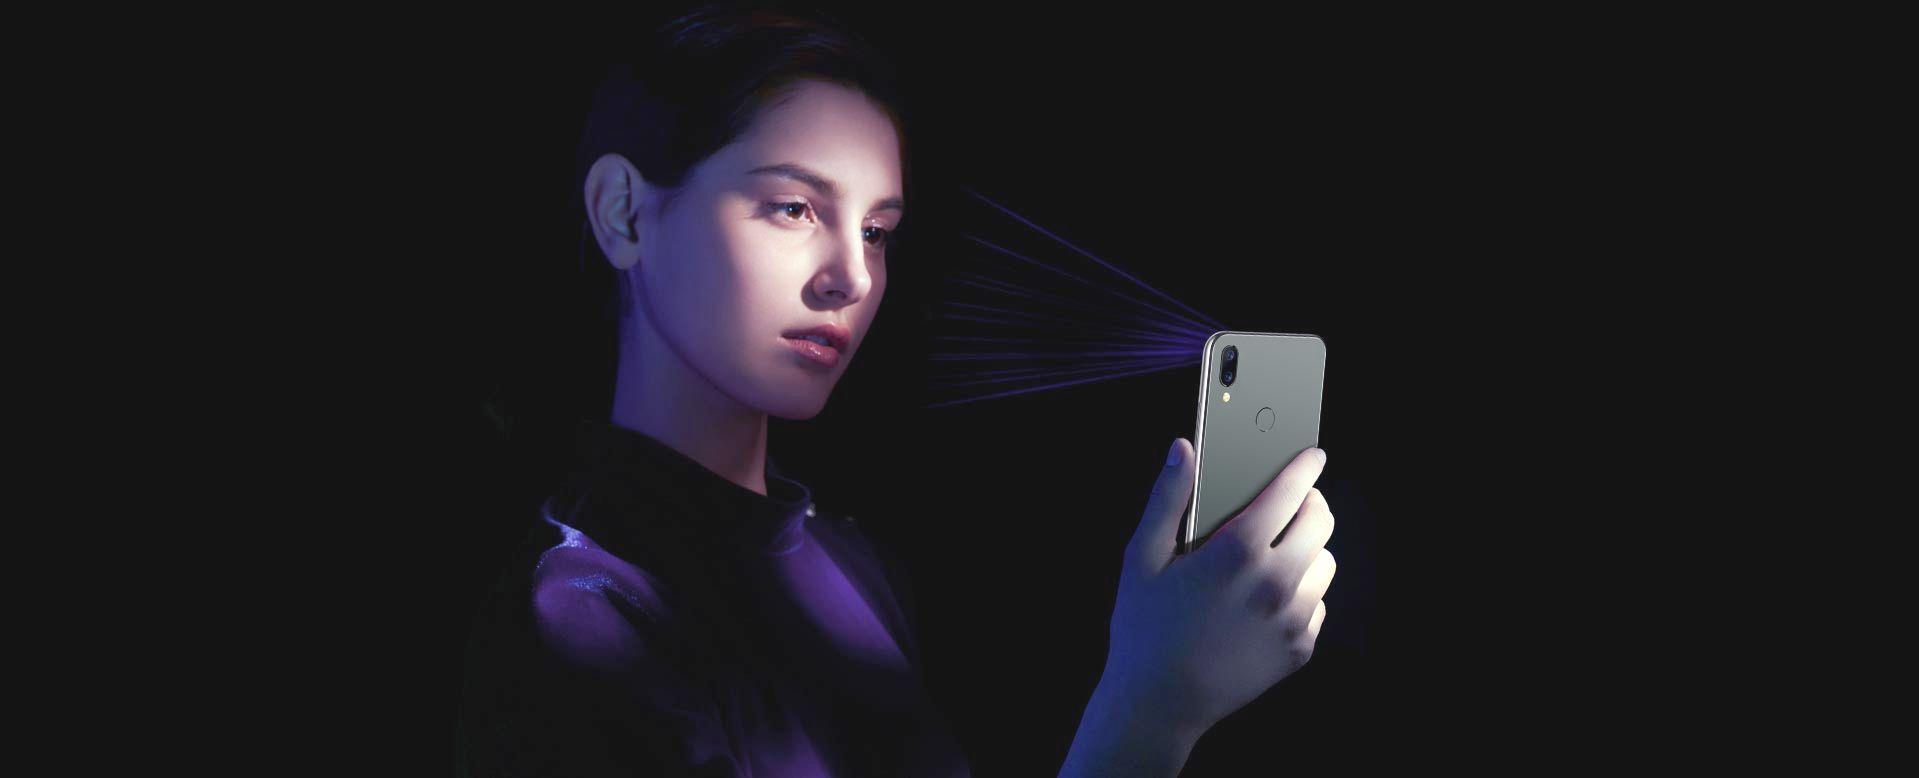 Avec l'Umidigi A3S, Umidigi nous propose l'un des téléphones les moins chers sur le marché avec des caractéristiques, frôlant la la catégorie moyen de gamme.